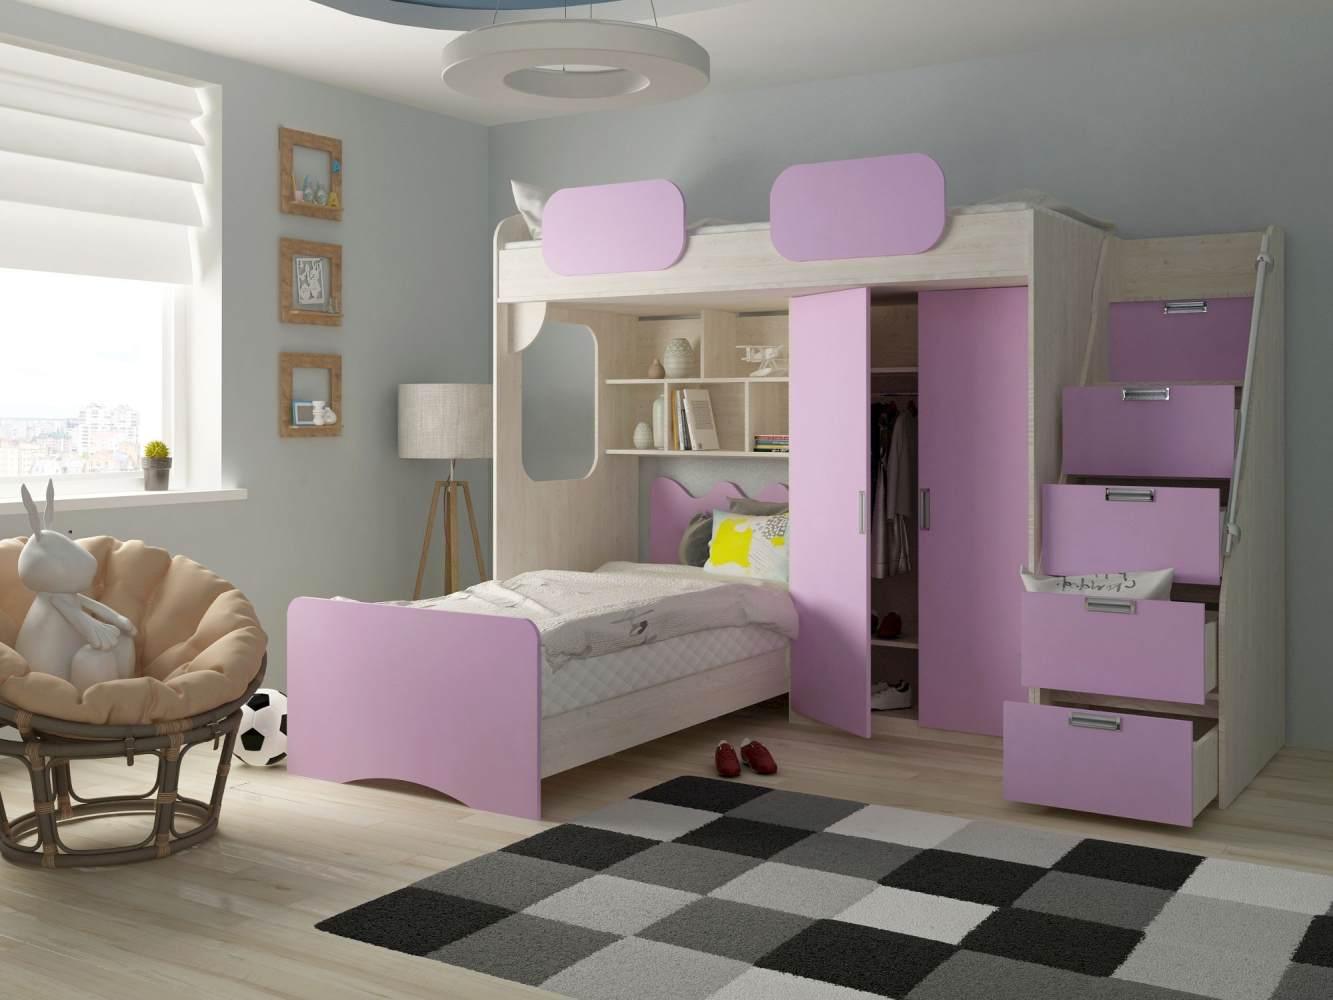 Etagenbett 'Geko' lila Bild 1